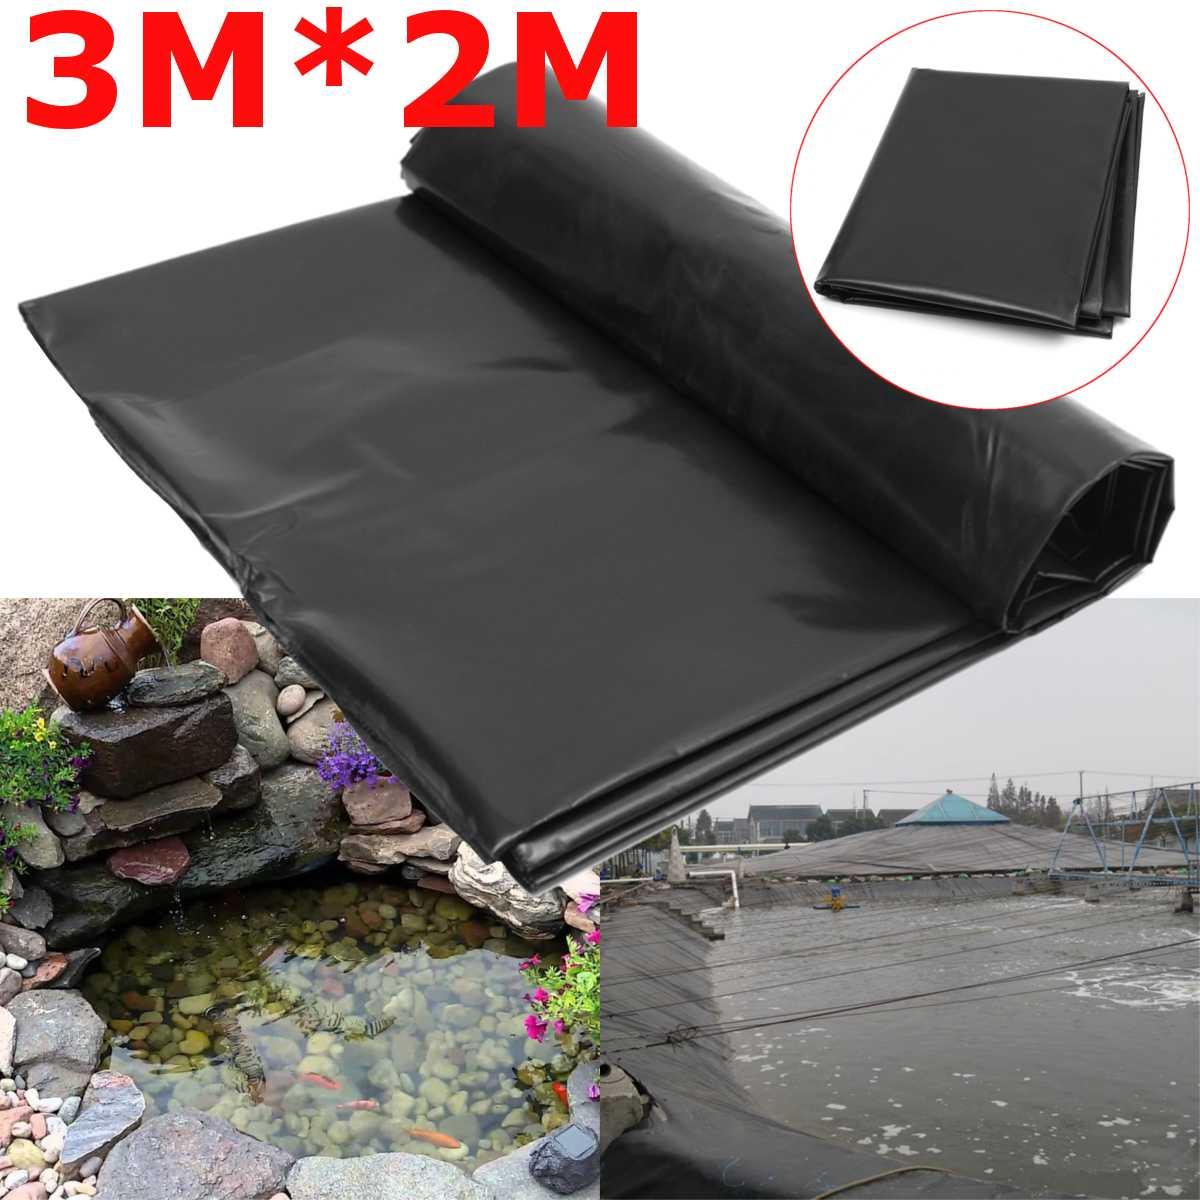 3X2M черный Средний аквариум для рыбок материал для подкладки домашний плавательный бассейн усиленный HDPE тяжелый ландшафтный дизайн бассейн...